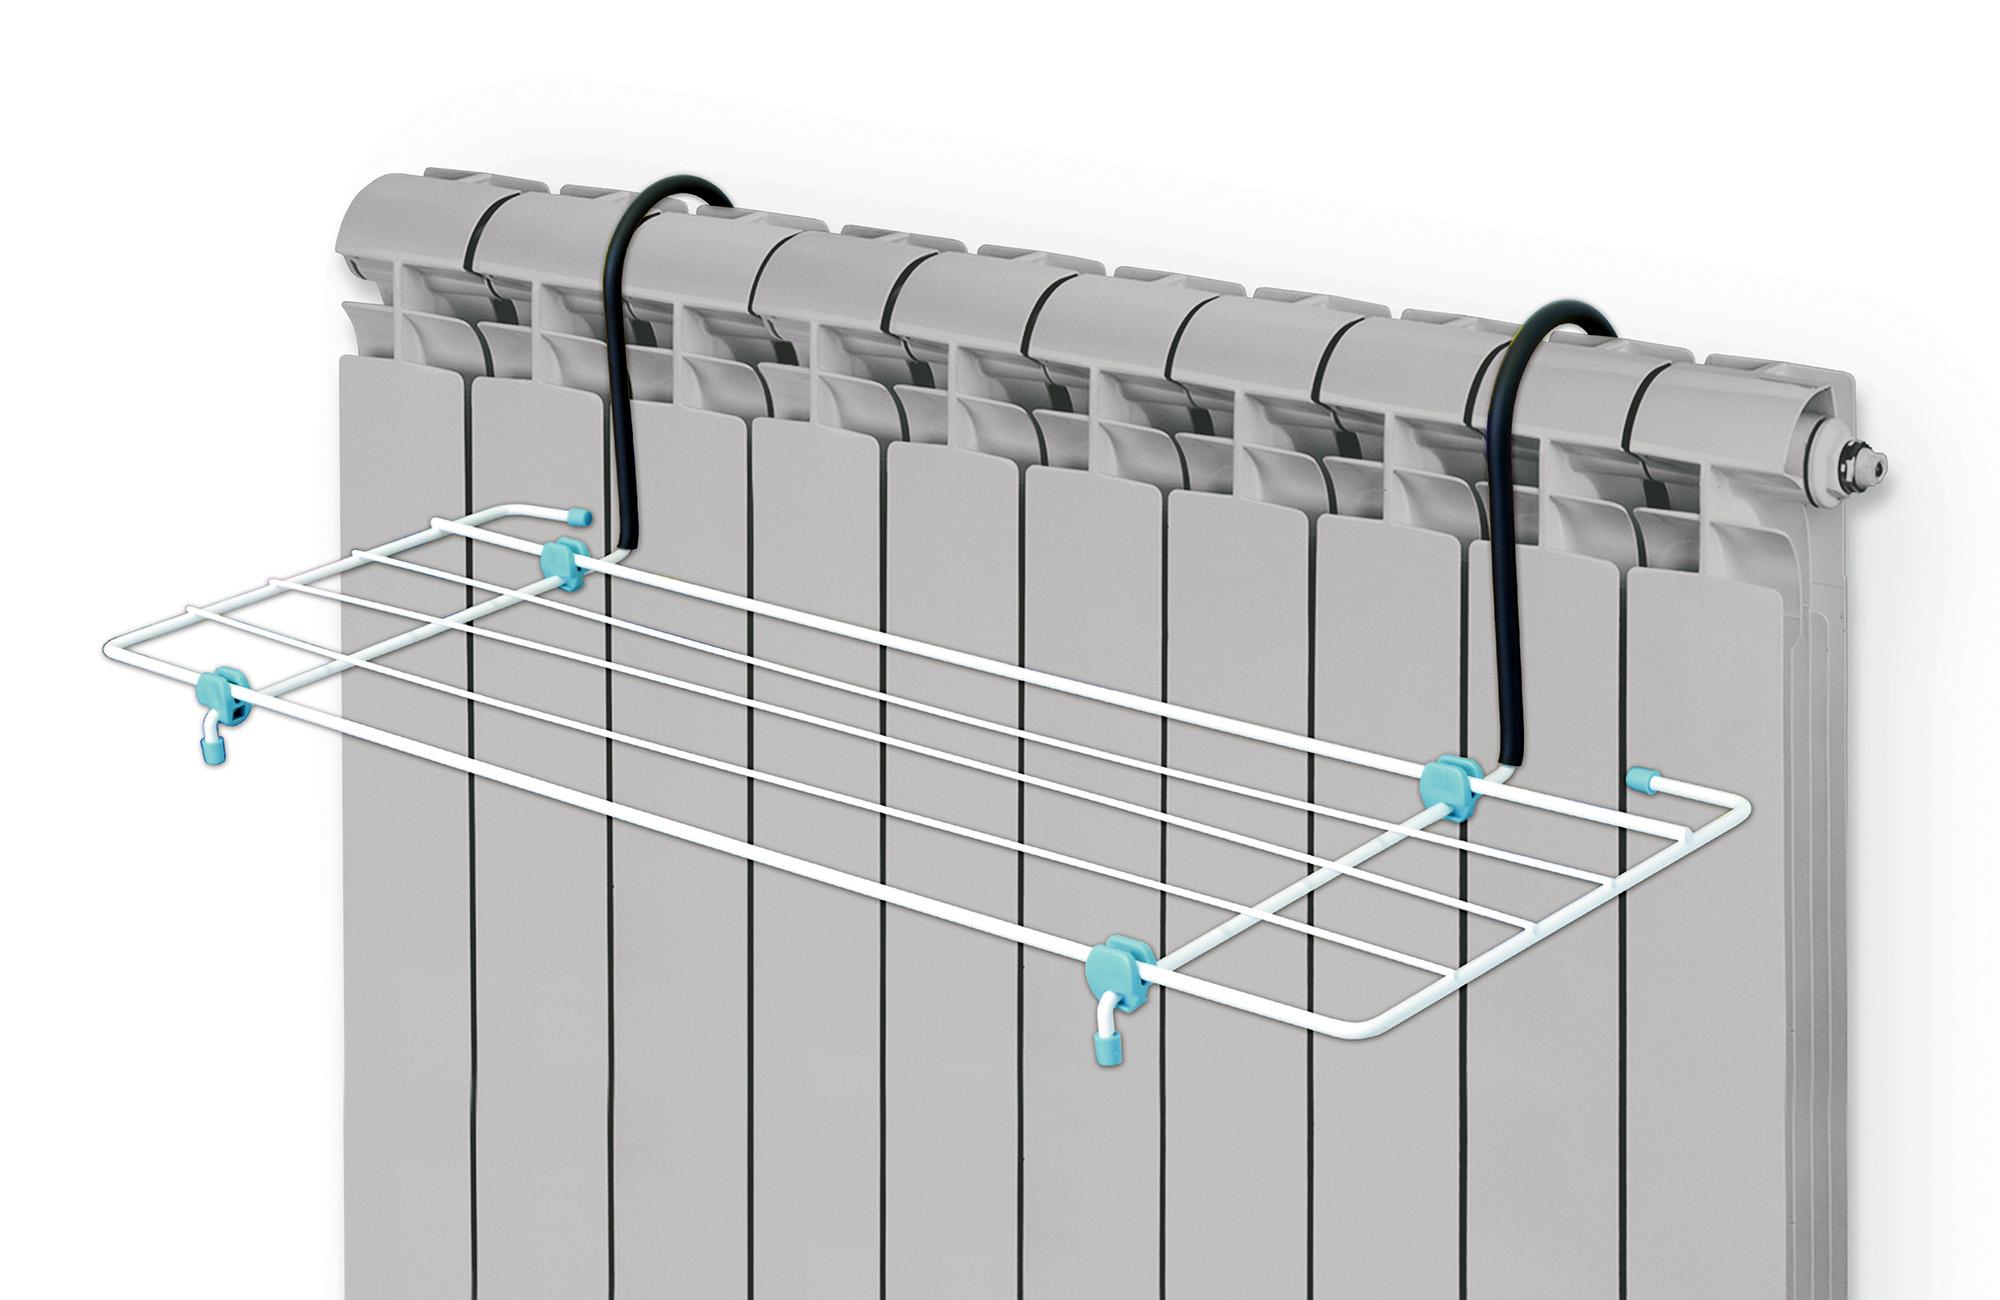 Сушилка для белья Nika на батарею, 2 мСБ5-45Материалы: металлический каркас, пластмассовые наконечники.